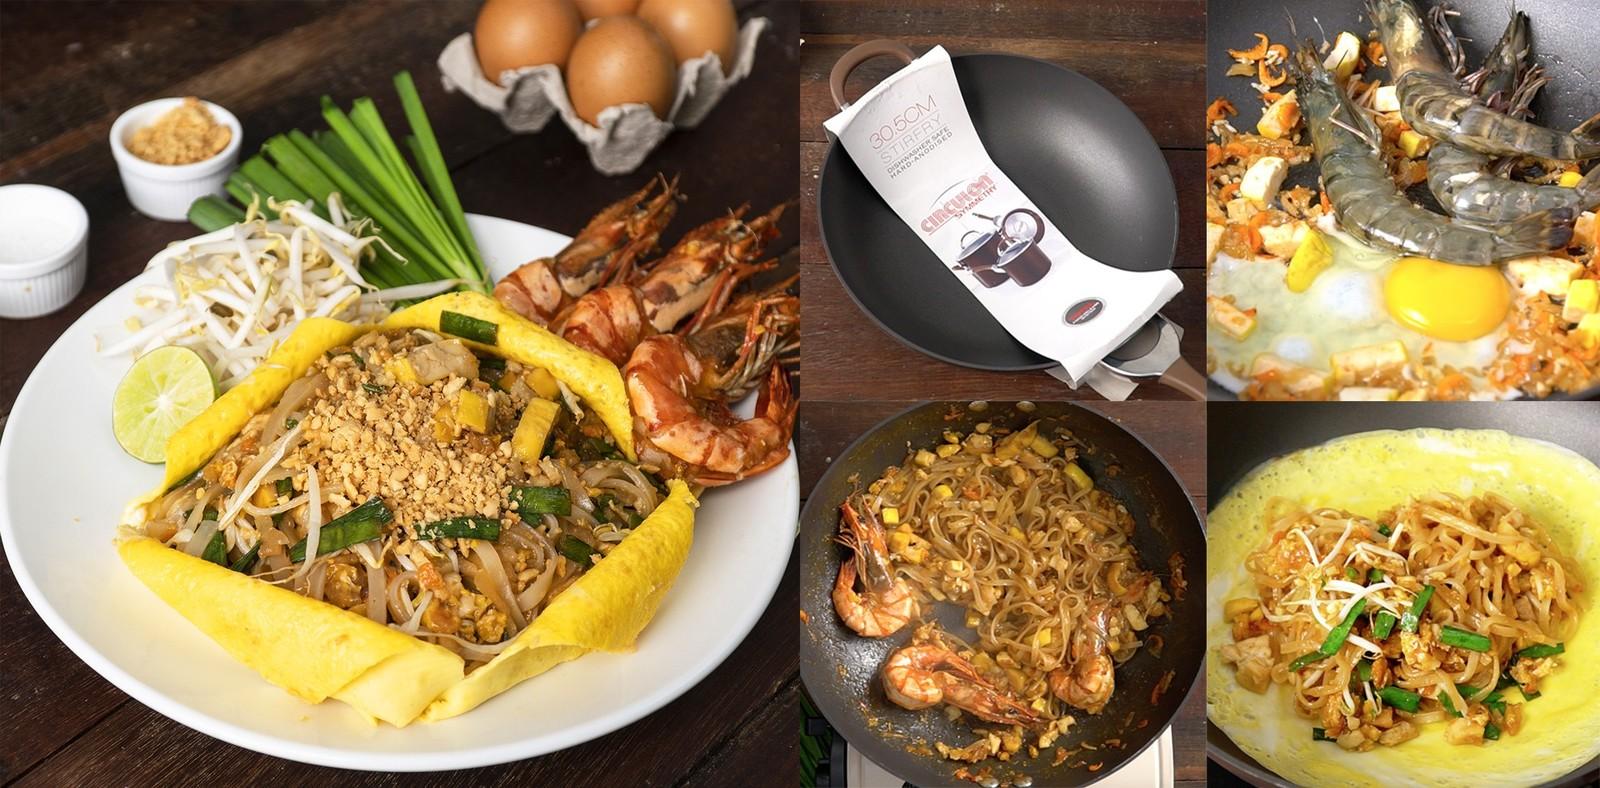 เมนูอาหารไทย ผัดไทยกุ้งสดห่อไข่ เส้นเหนียวนุ่ม รสเข้มข้น